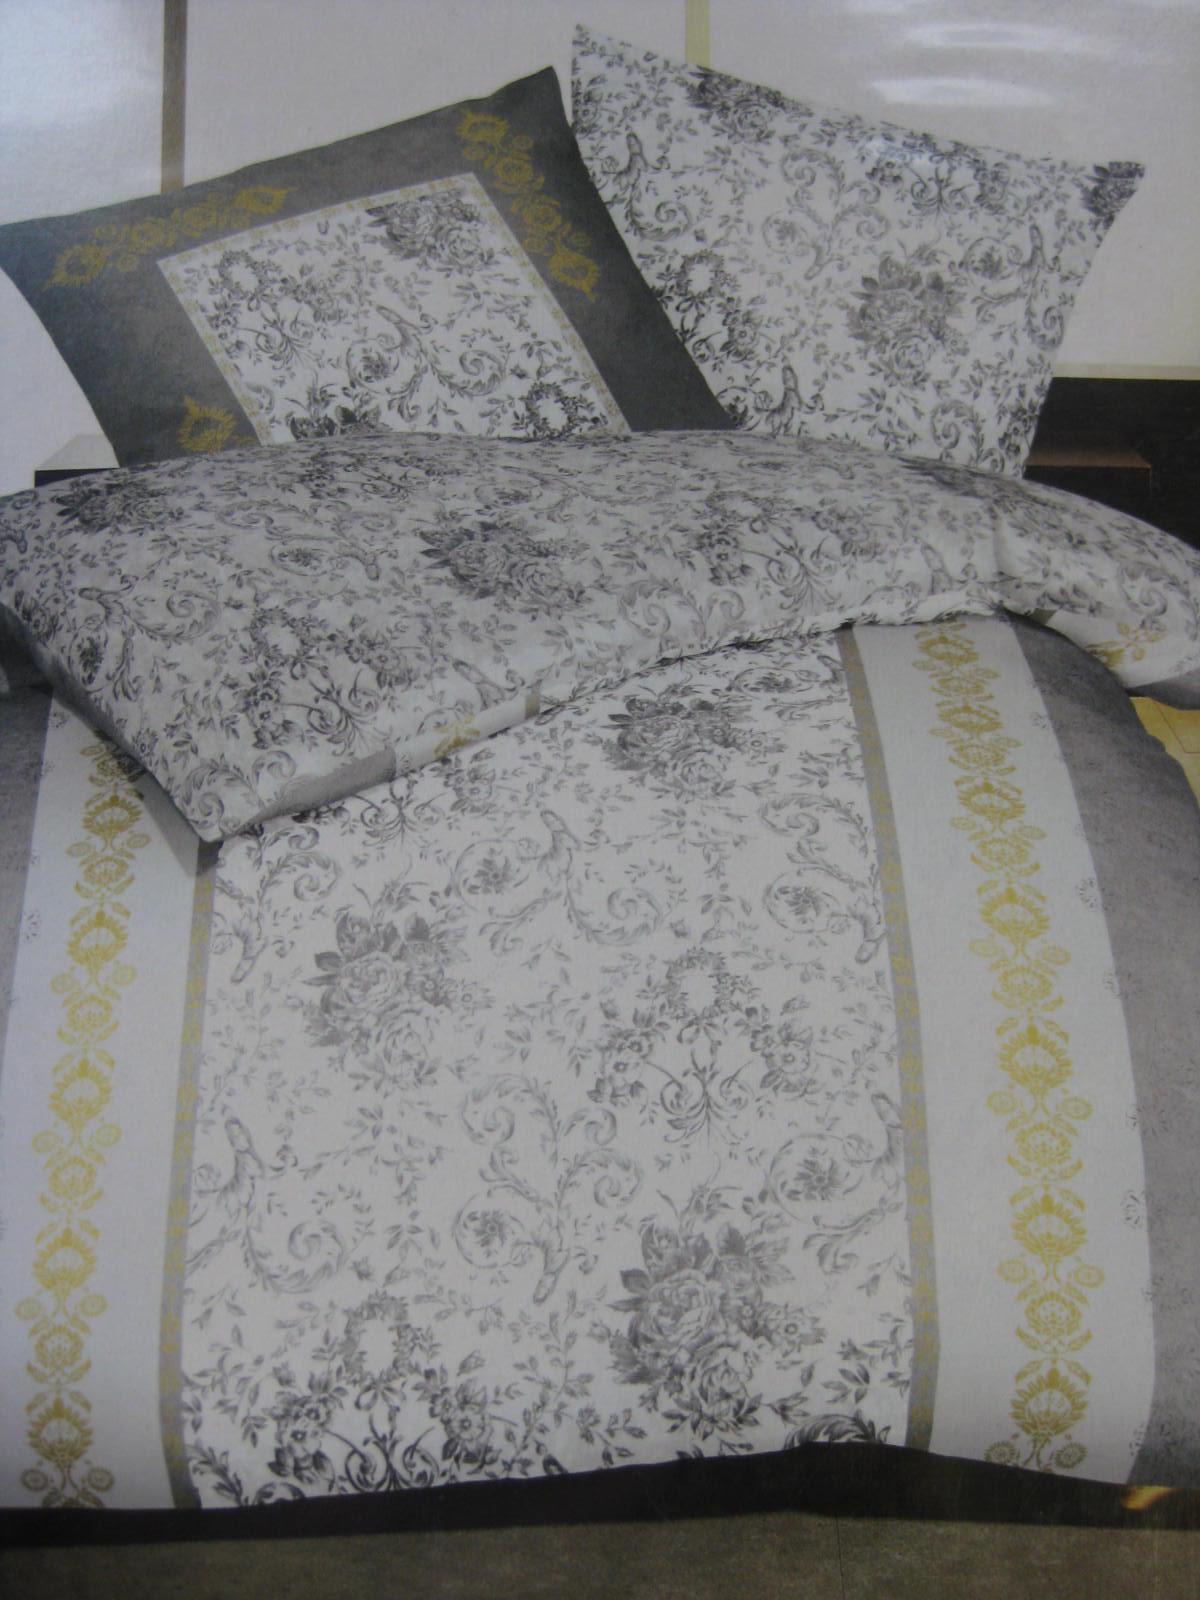 biber bettw sche 135x200 80x80 cm einzelst ck von kaeppel kaufen bei betten krebs gelnhausen. Black Bedroom Furniture Sets. Home Design Ideas